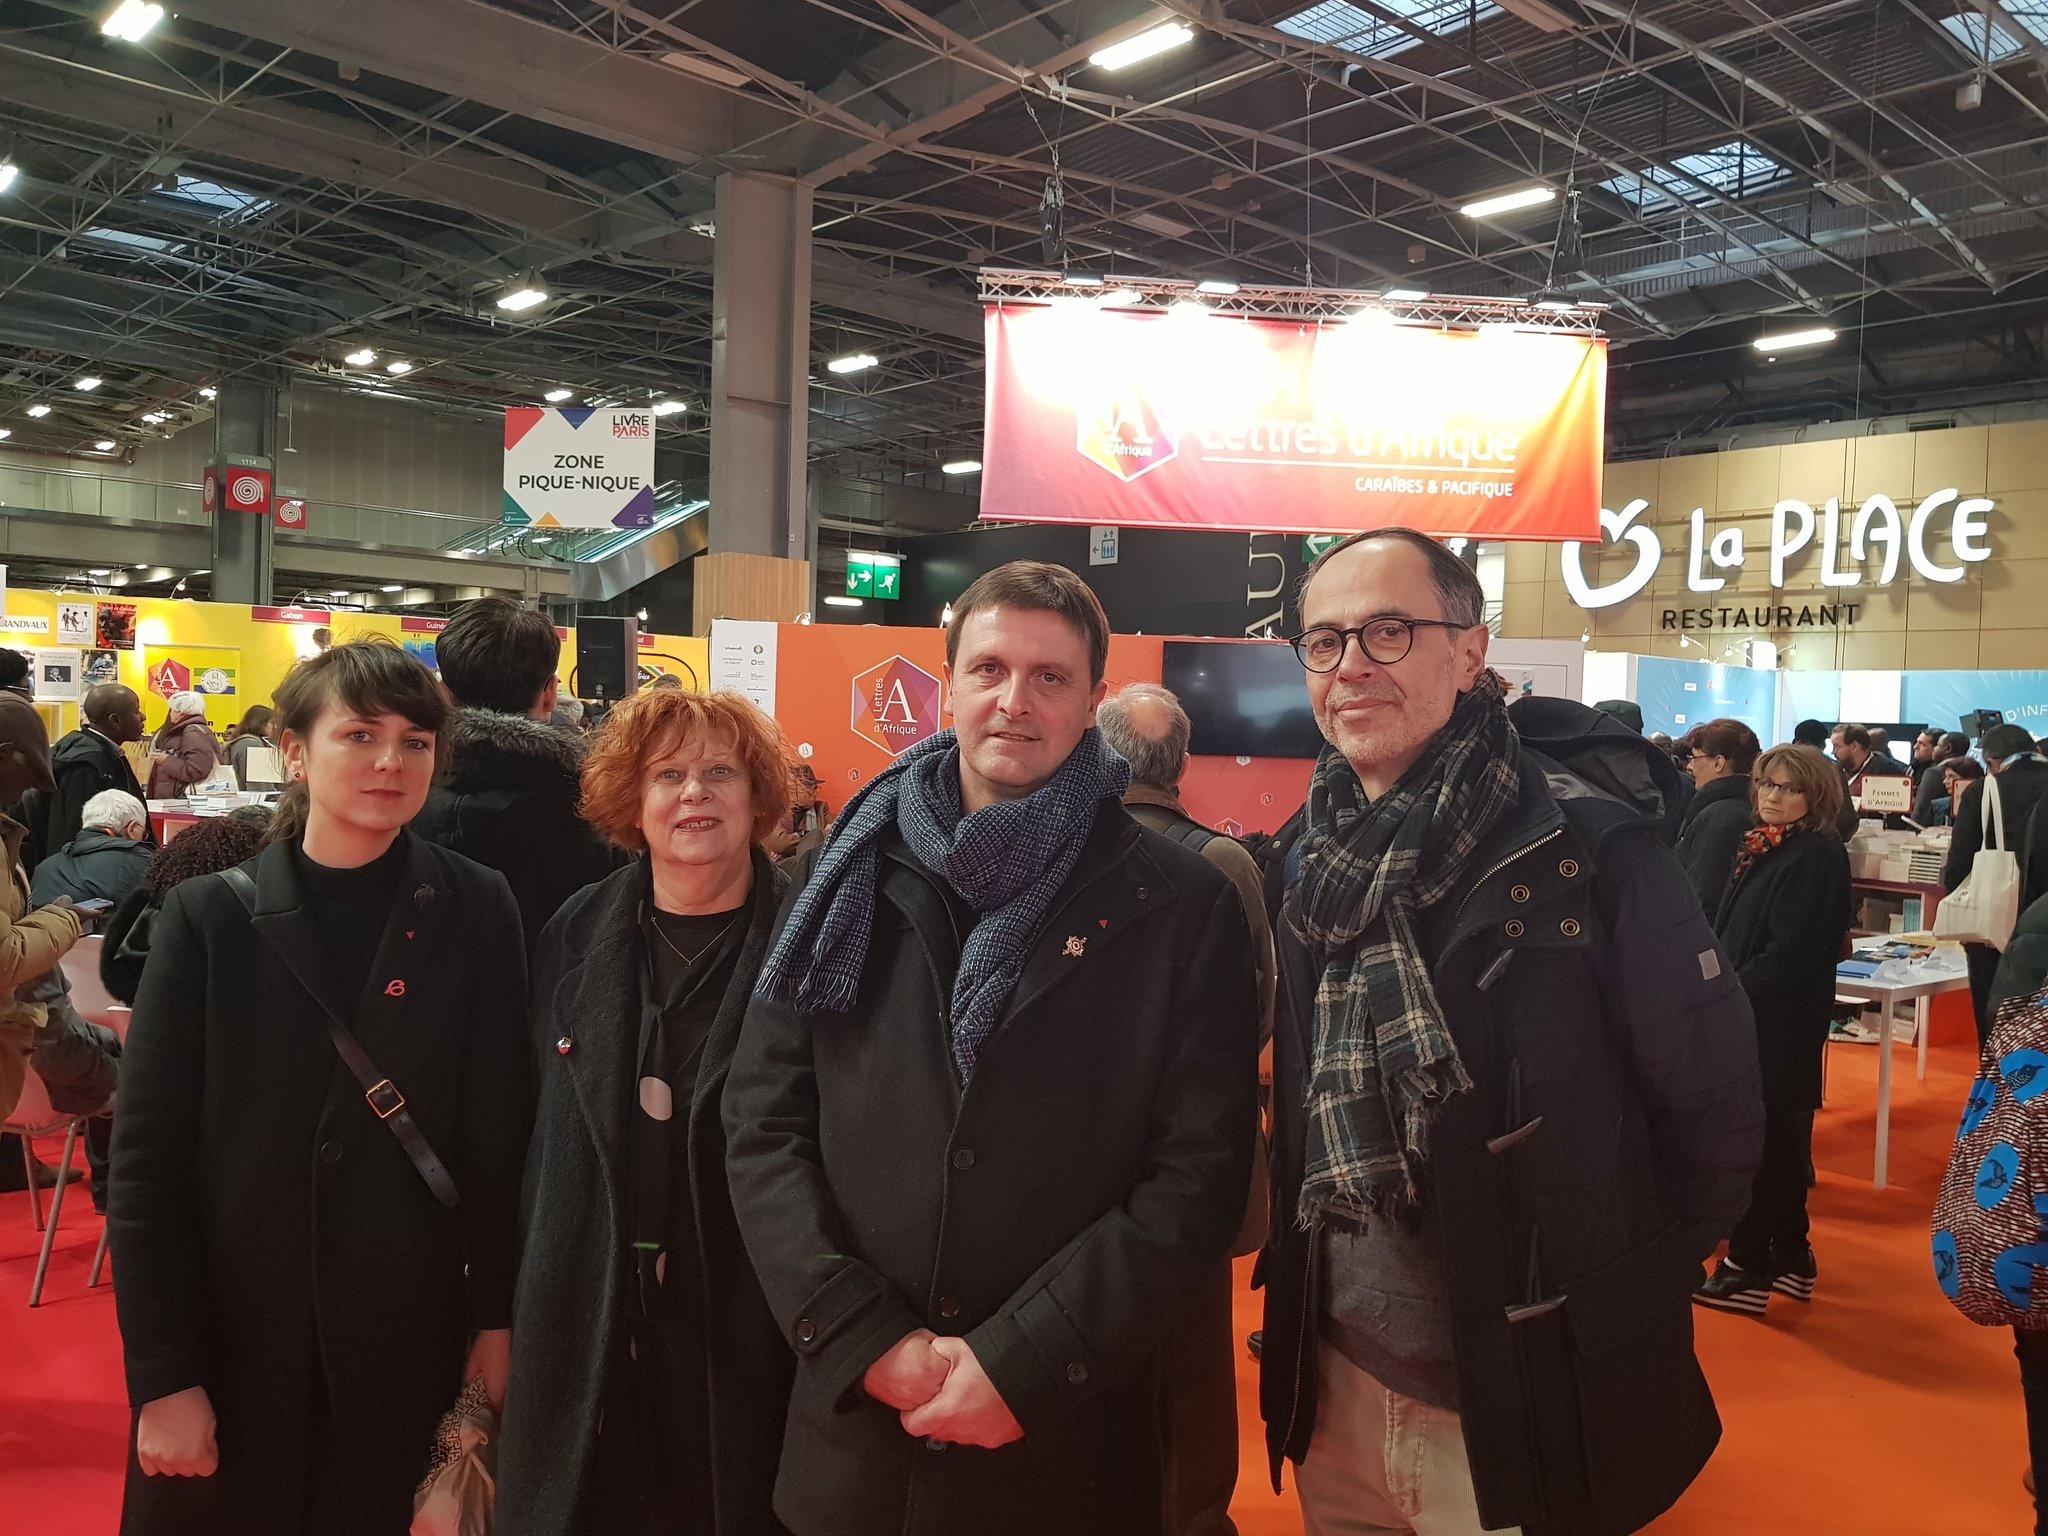 Merci à Gilles, Marie-Nil, Danièle, Roger, Bernard, Léa ... Toutes celles et ceux qui ont travaillé pour que la délégation France Insoumise aille à la rencontre des exposant.e.s au Salon du livre 2018 !